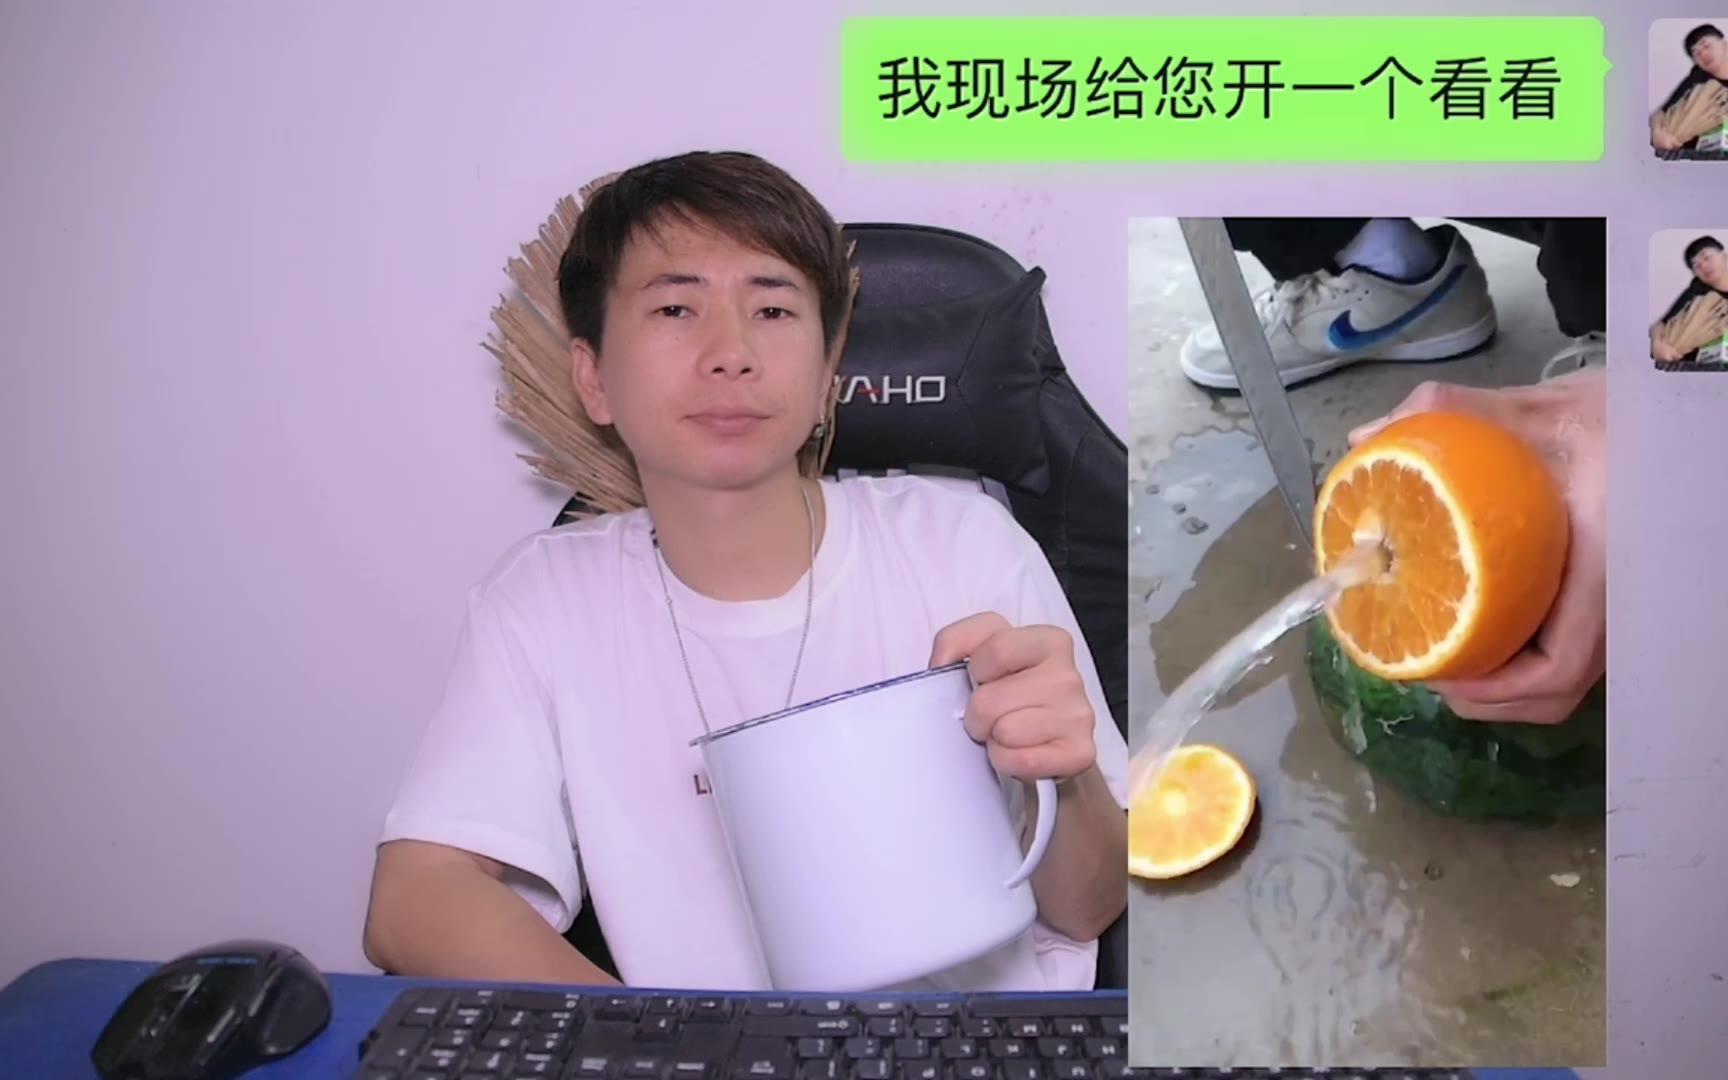 客服与买家搞笑对话:这橙子的汁真大,都可以用来洗澡了!